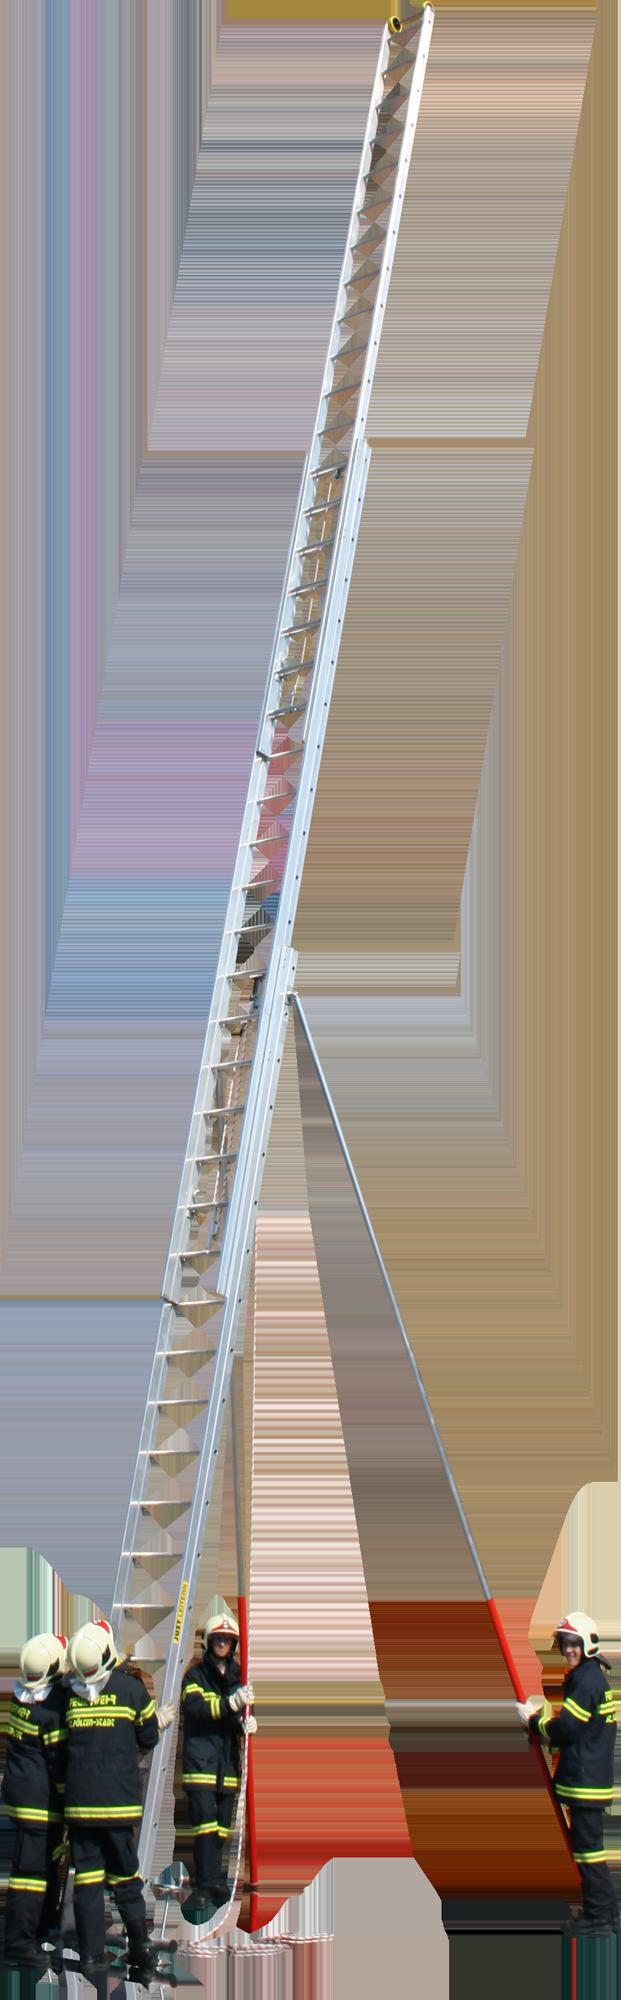 Trojdielne hasičské rebríky výsuvné FO-717 a FO-719